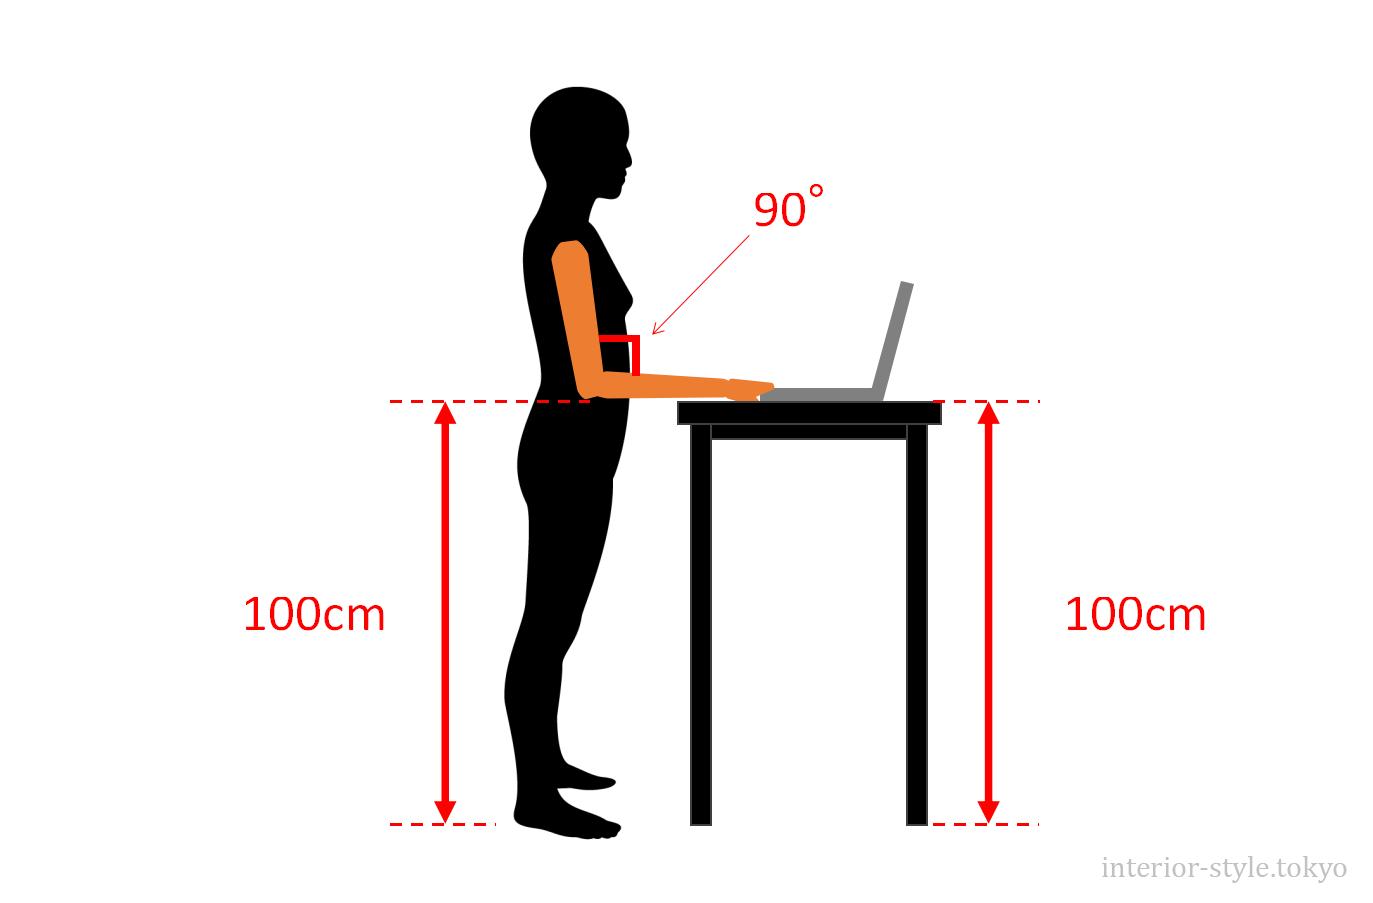 高さ100cmのスタンディングデスクを使用しているとき、腕の角度が90°